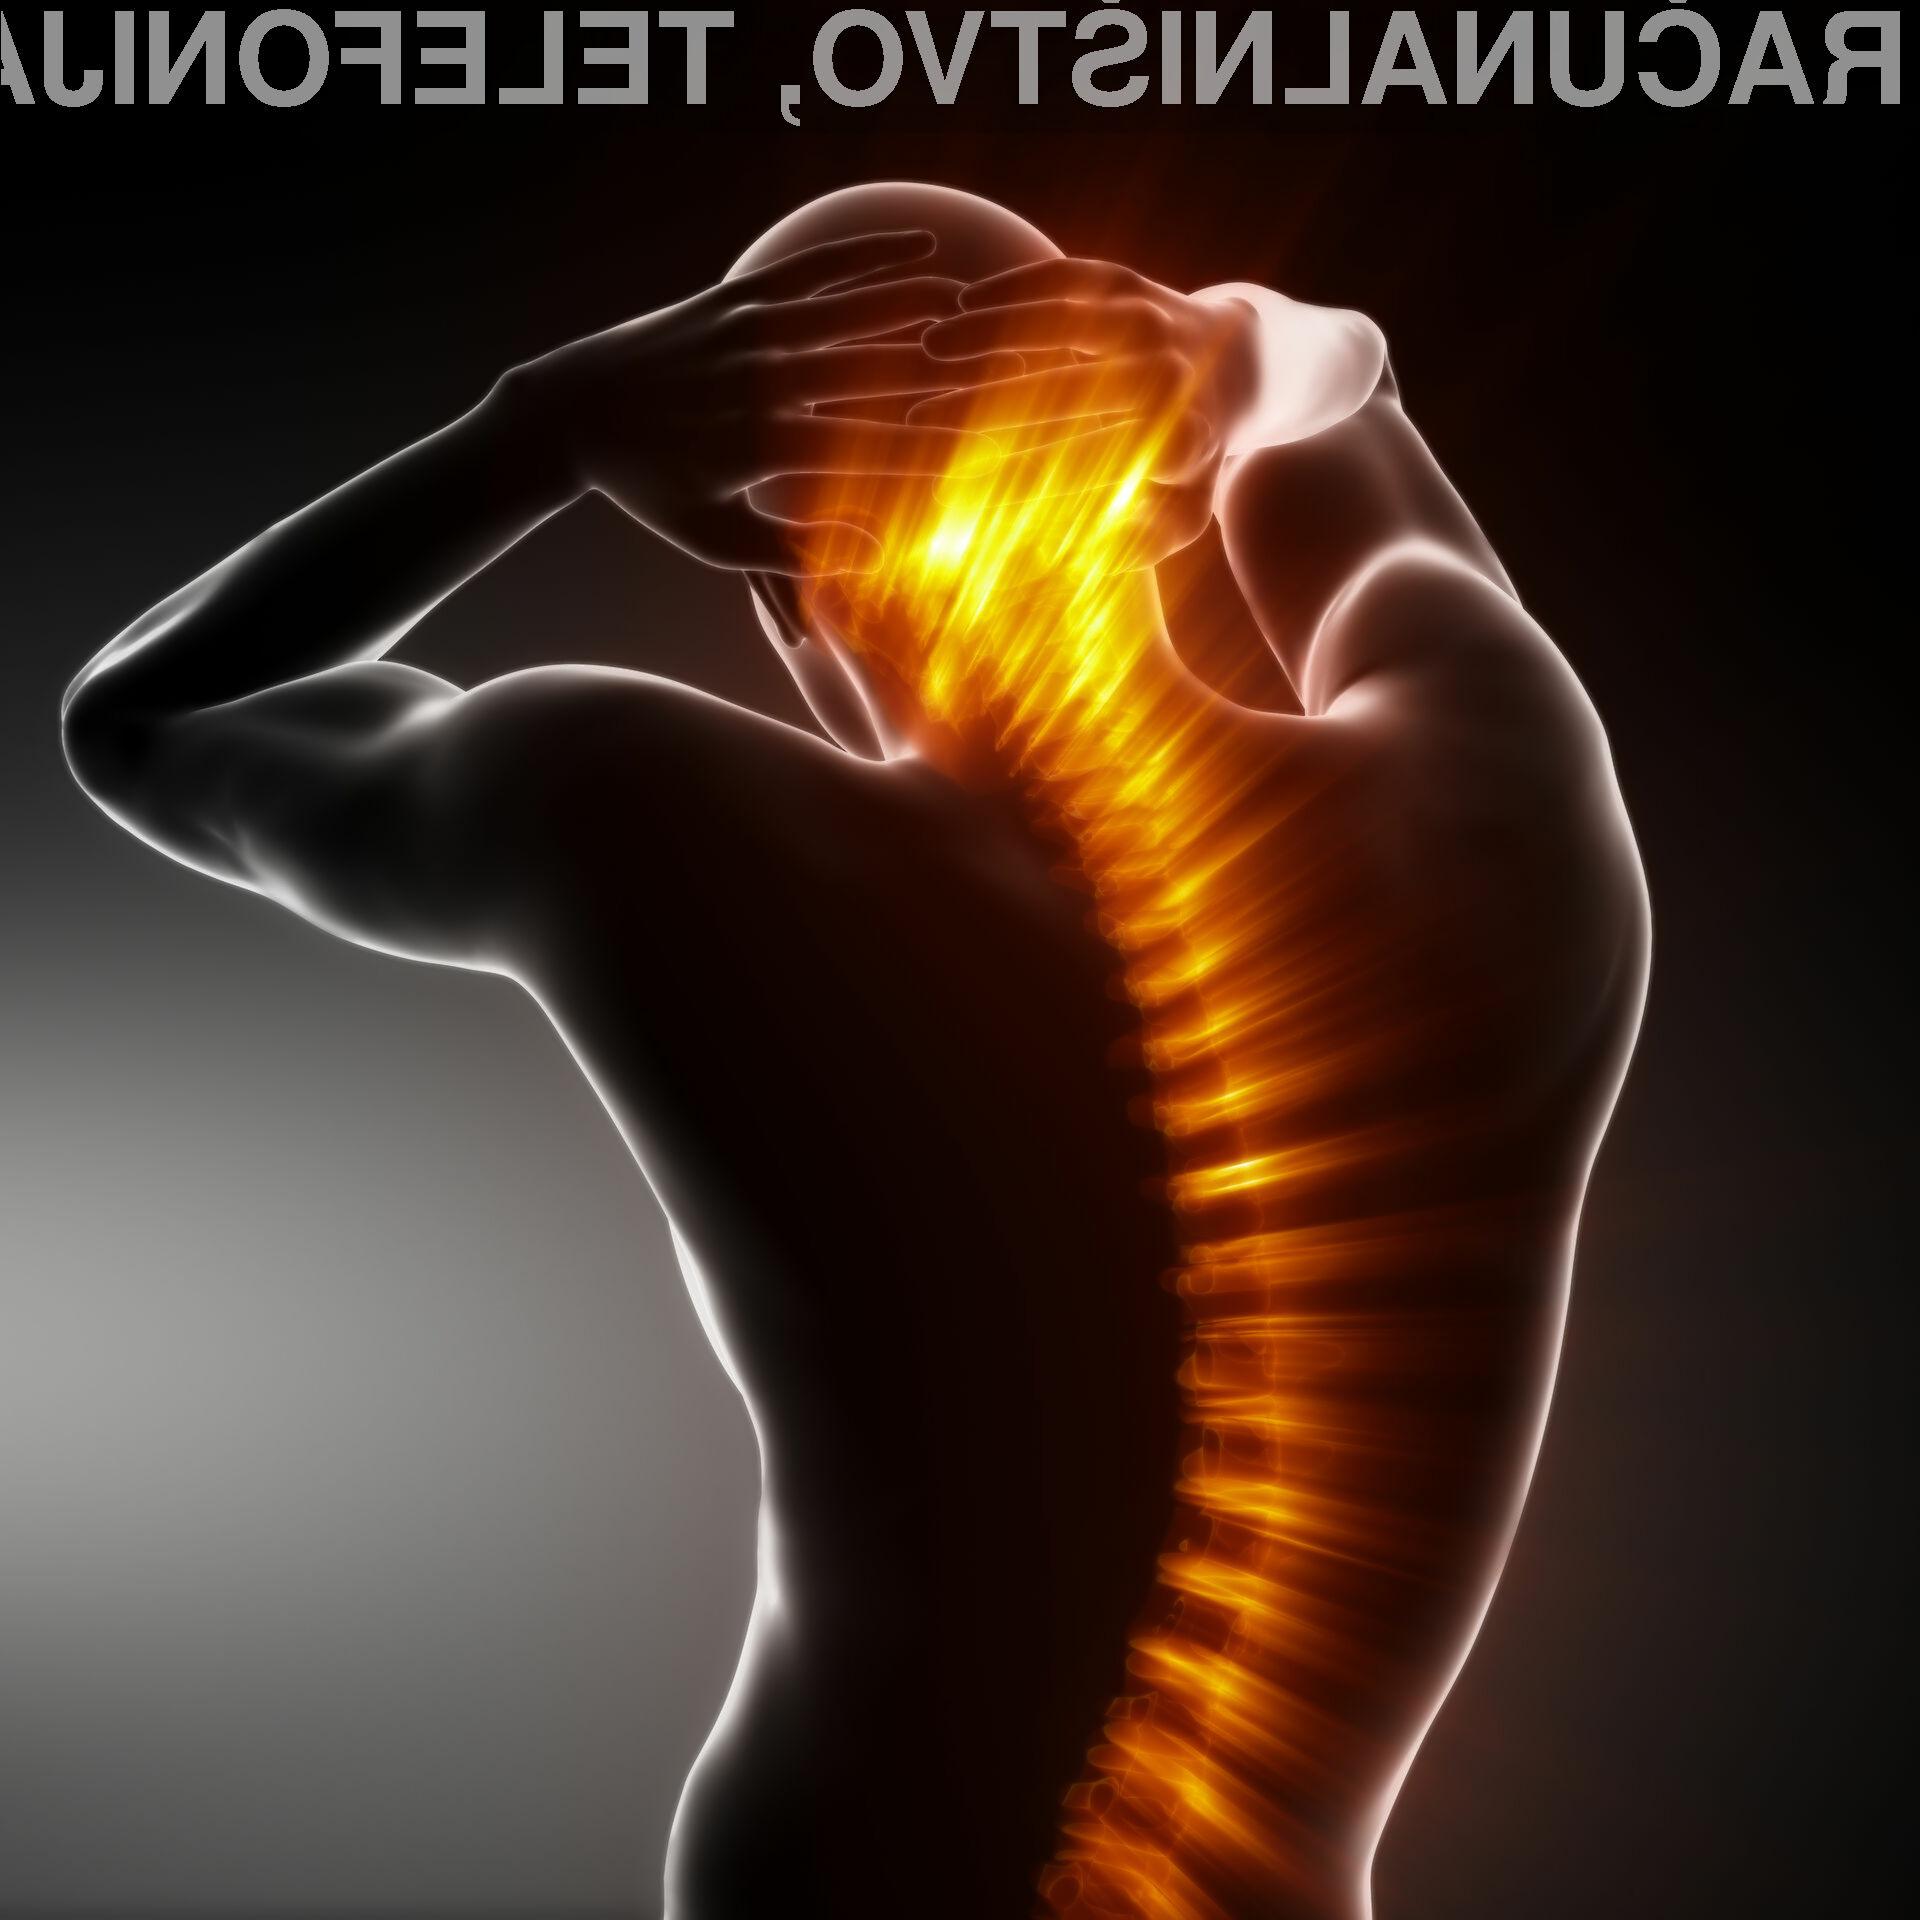 Zdravstvena težava se pojavlja večinoma pri ljudeh,  ki preživijo dalj časa v istem položaju in sicer sključeni z glavo naprej, medtem ko uporabljajo svoj tablični računalnik ali pametni telefon.